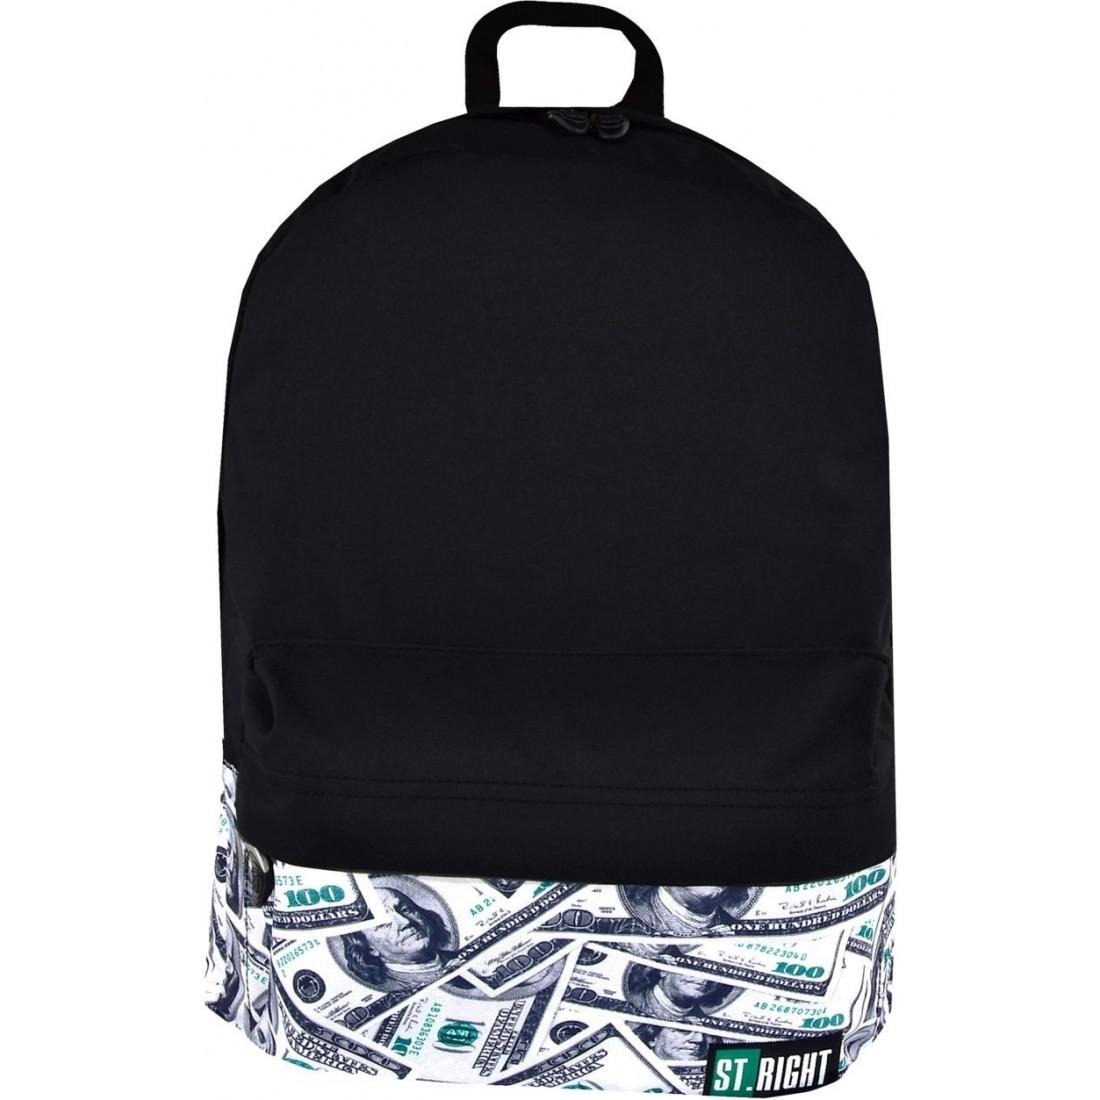 6f632a71370de RIGHT DOLLARS czarny dolary na laptopa młodzieżowy · Plecak miejski ST.RIGHT  DOLLARS czarny dolary na laptopa młodzieżowy ...